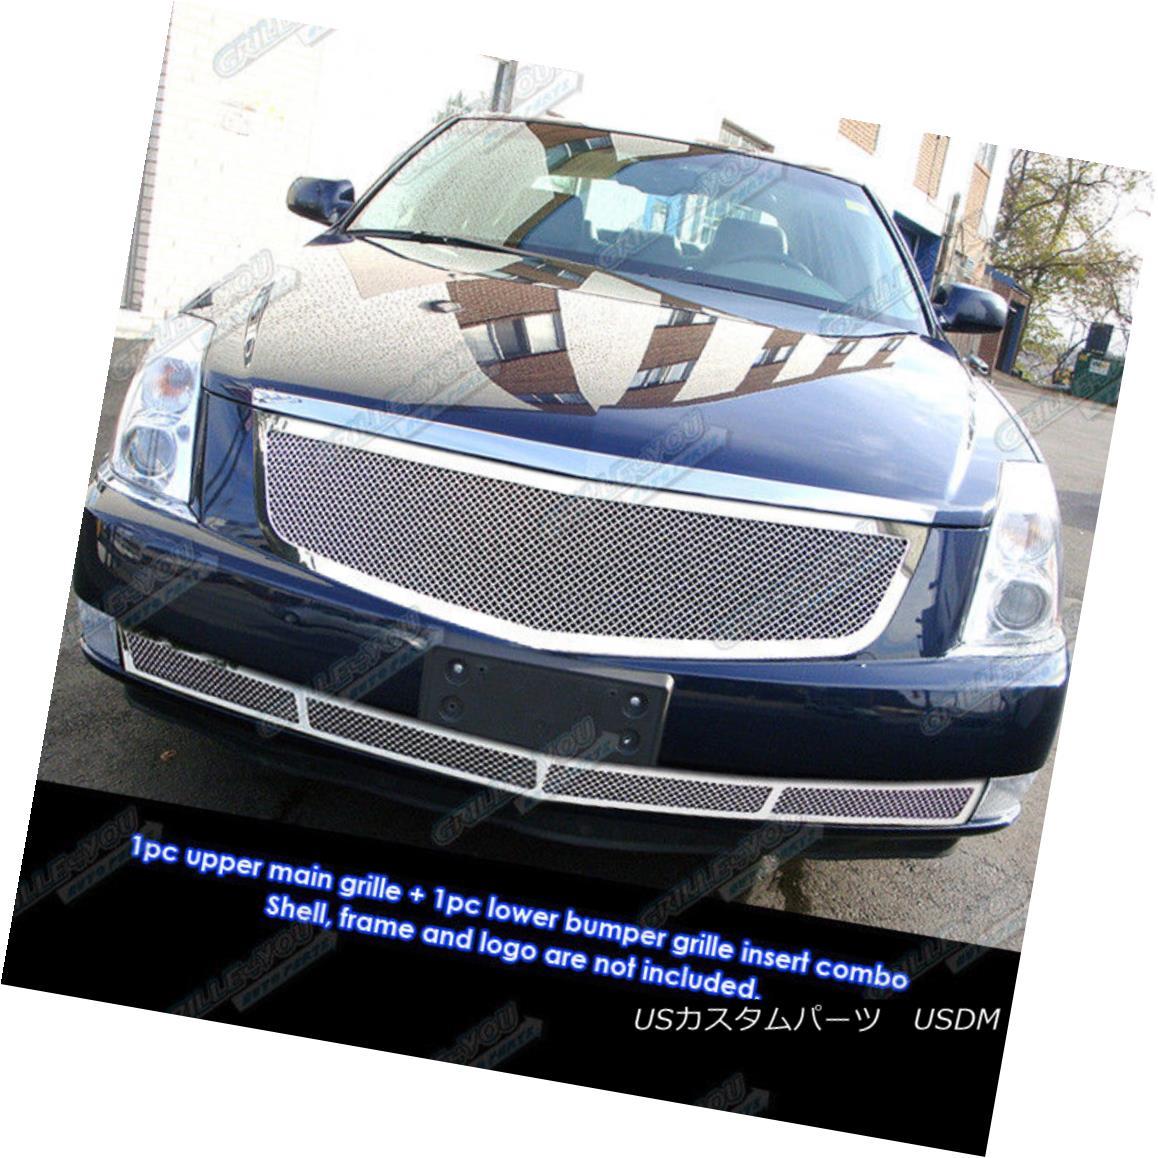 グリル Fits 2006-2010 Cadillac DTS Stainless Mesh Grille Combo Insert 2006-2010キャデラックDTSステンレスメッシュグリルコンボインサート